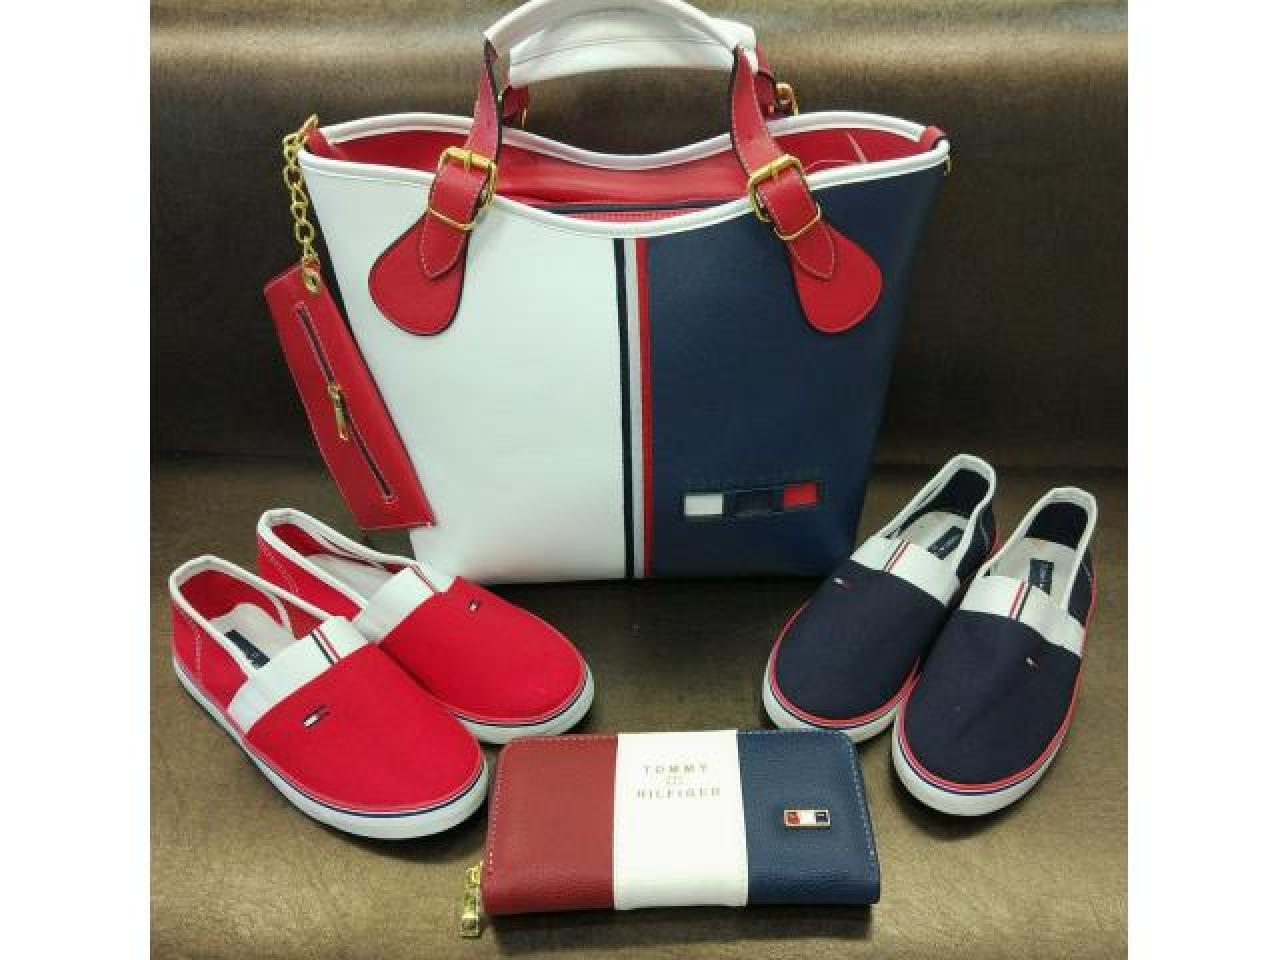 Обувь и сумочки копии знаменитых брендов - 5